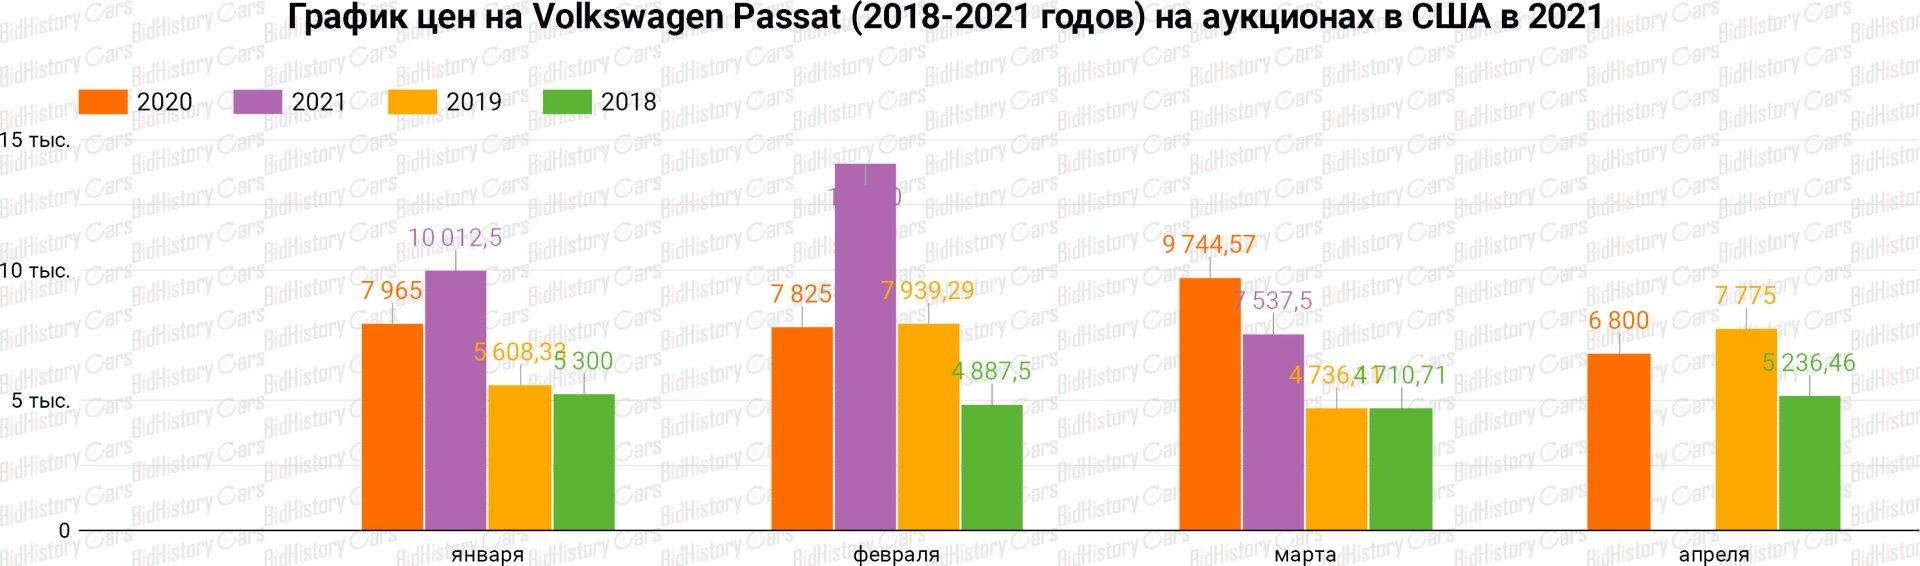 График цен Volkswagen Passat (2018-2021 годов) на аукционах в США в 2021